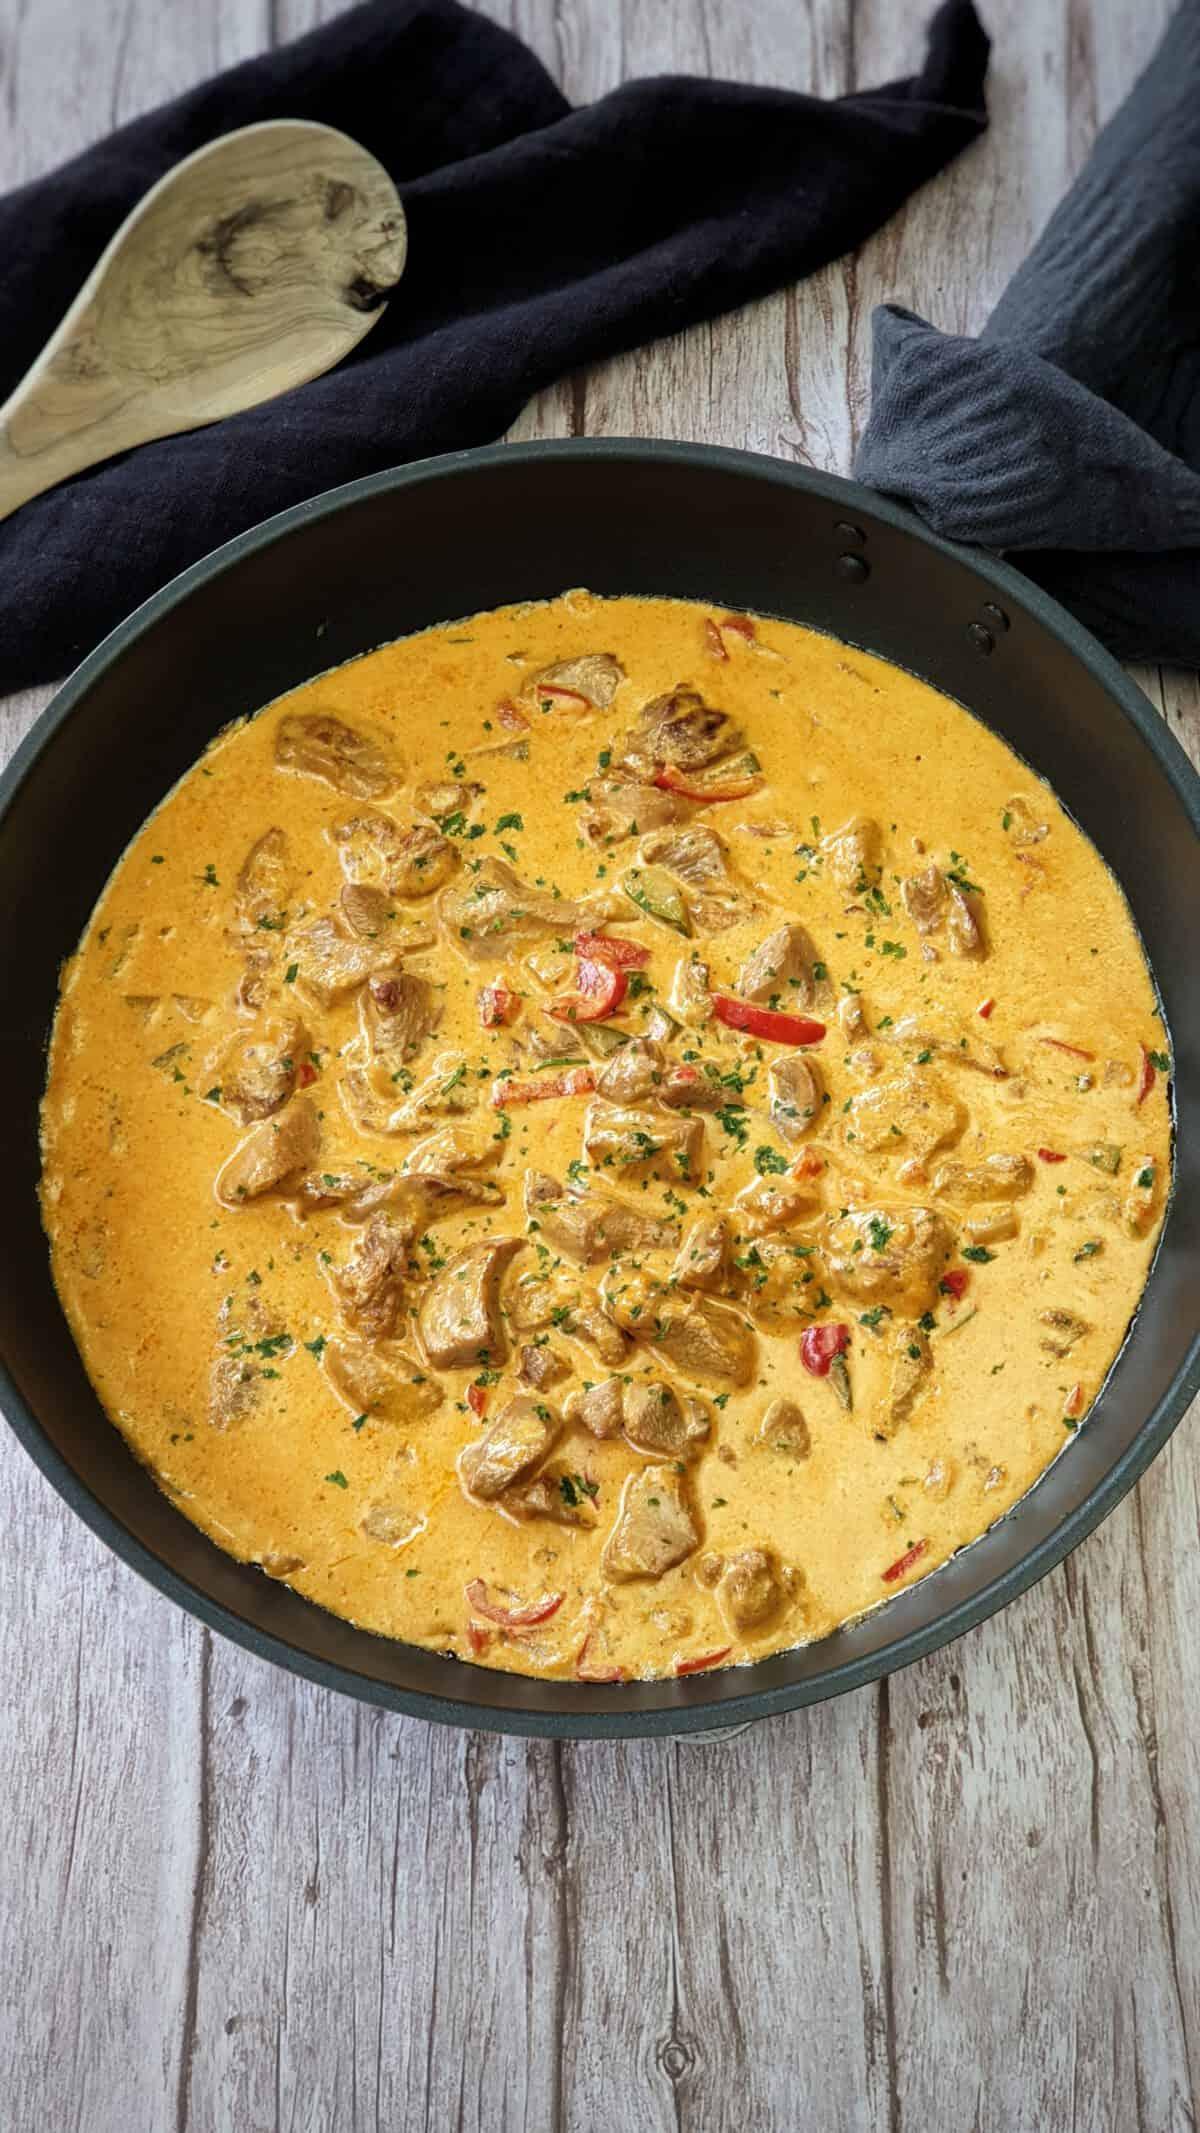 In einer schwarzen Pfanne Putengulasch mit Paprika und Zucchini, Bestreut mit frischer Petersilie. Im Hintergrund Deko.